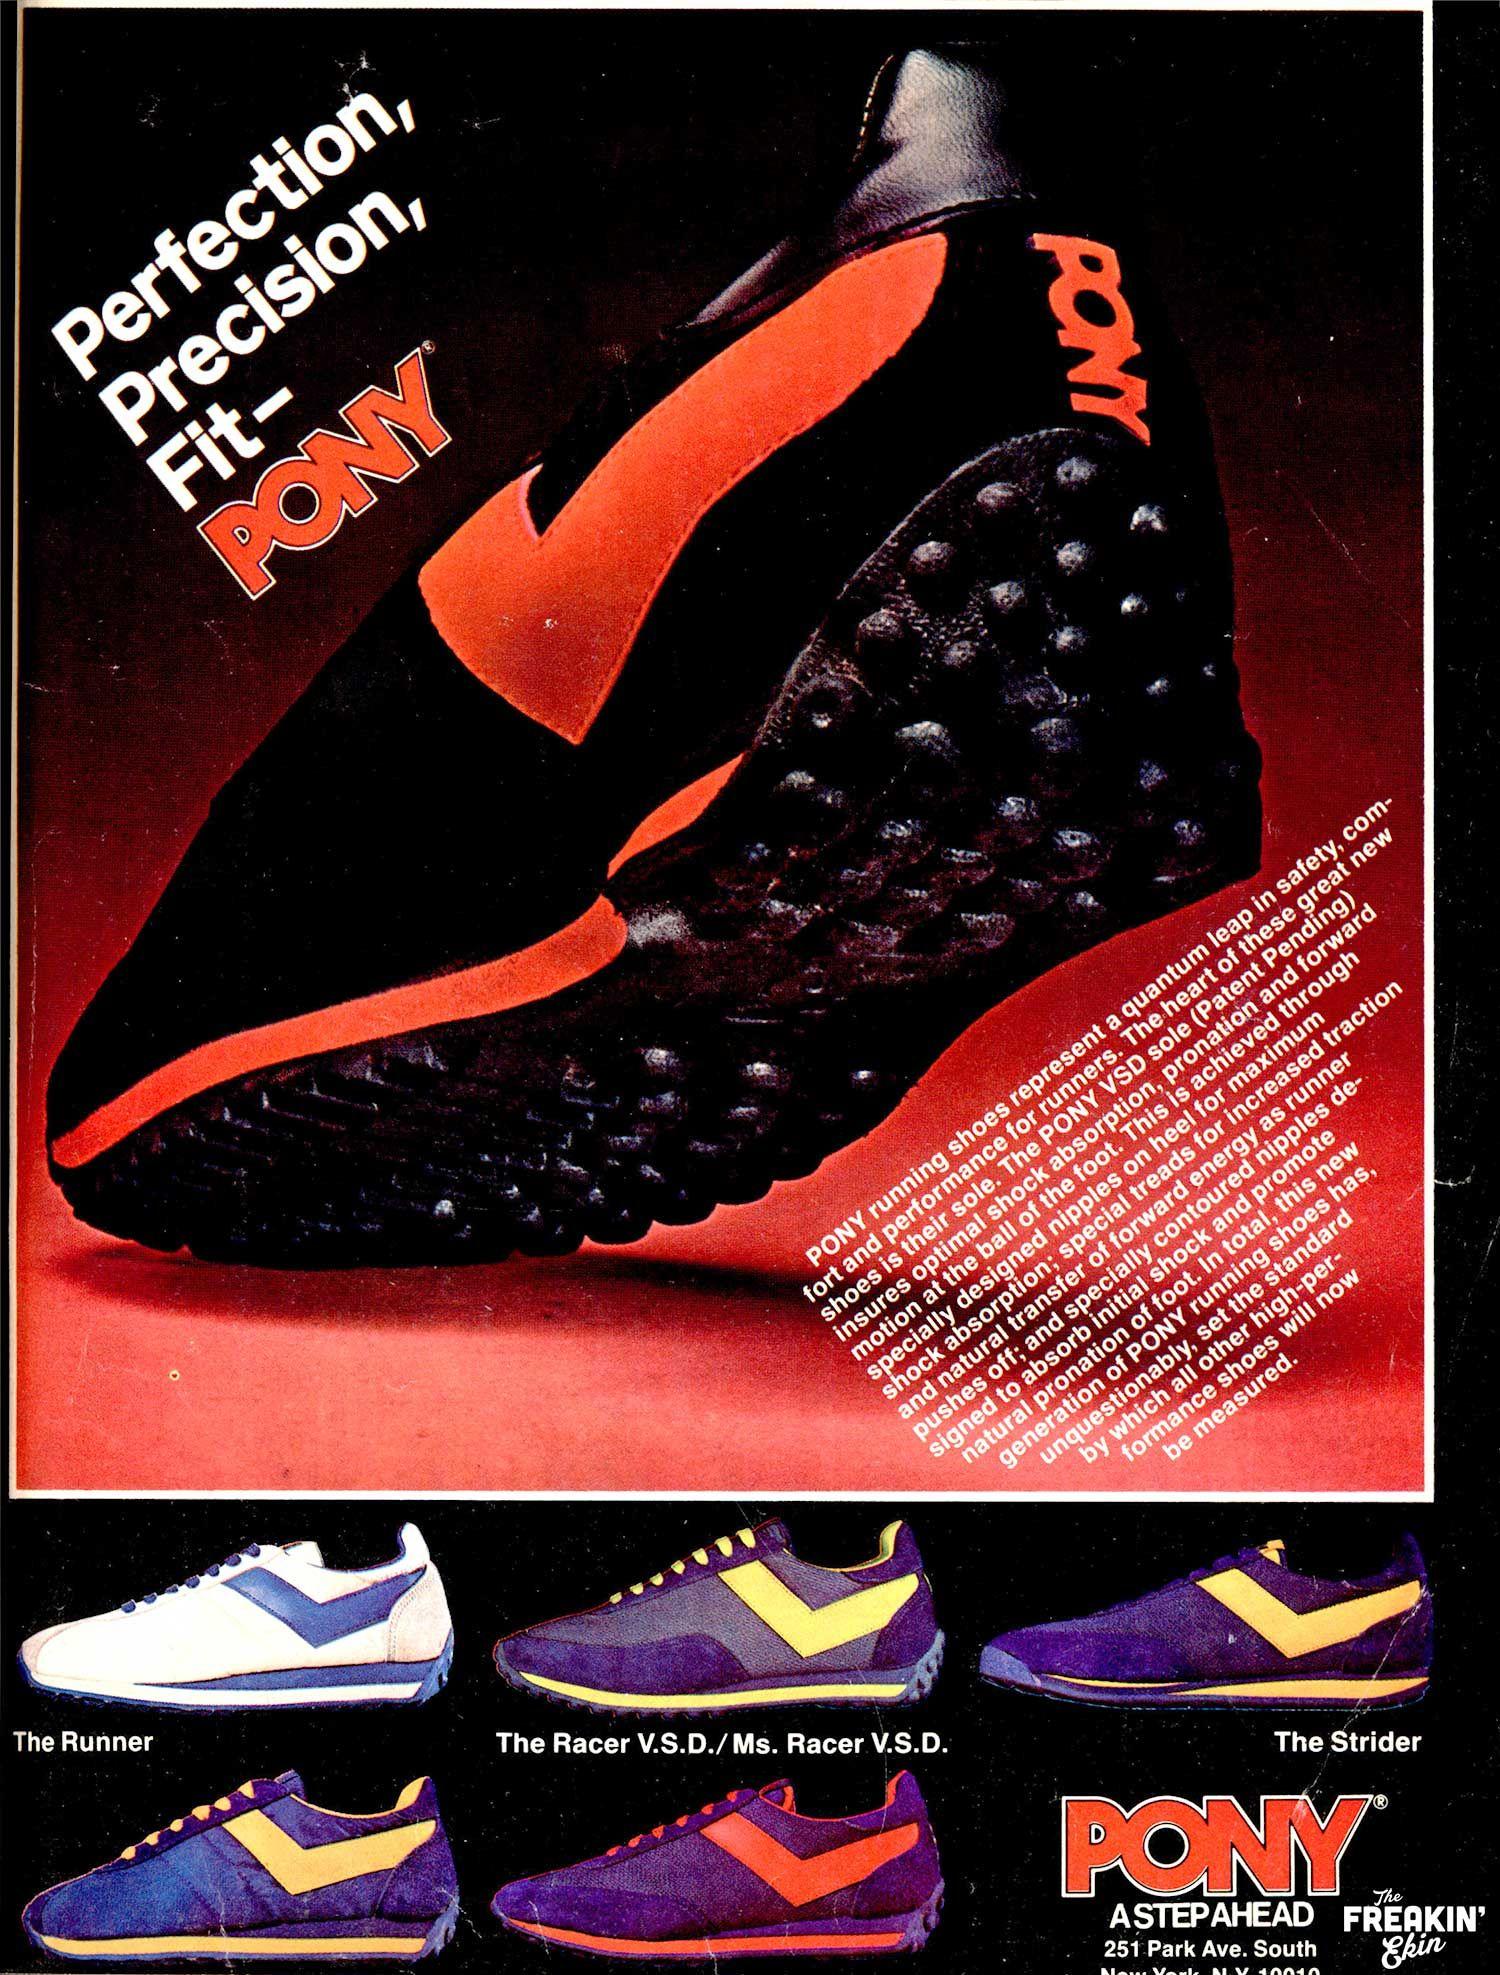 f0301c9e81b22 PONY 1978 vintage sneaker ad   The Freakin  Ekin